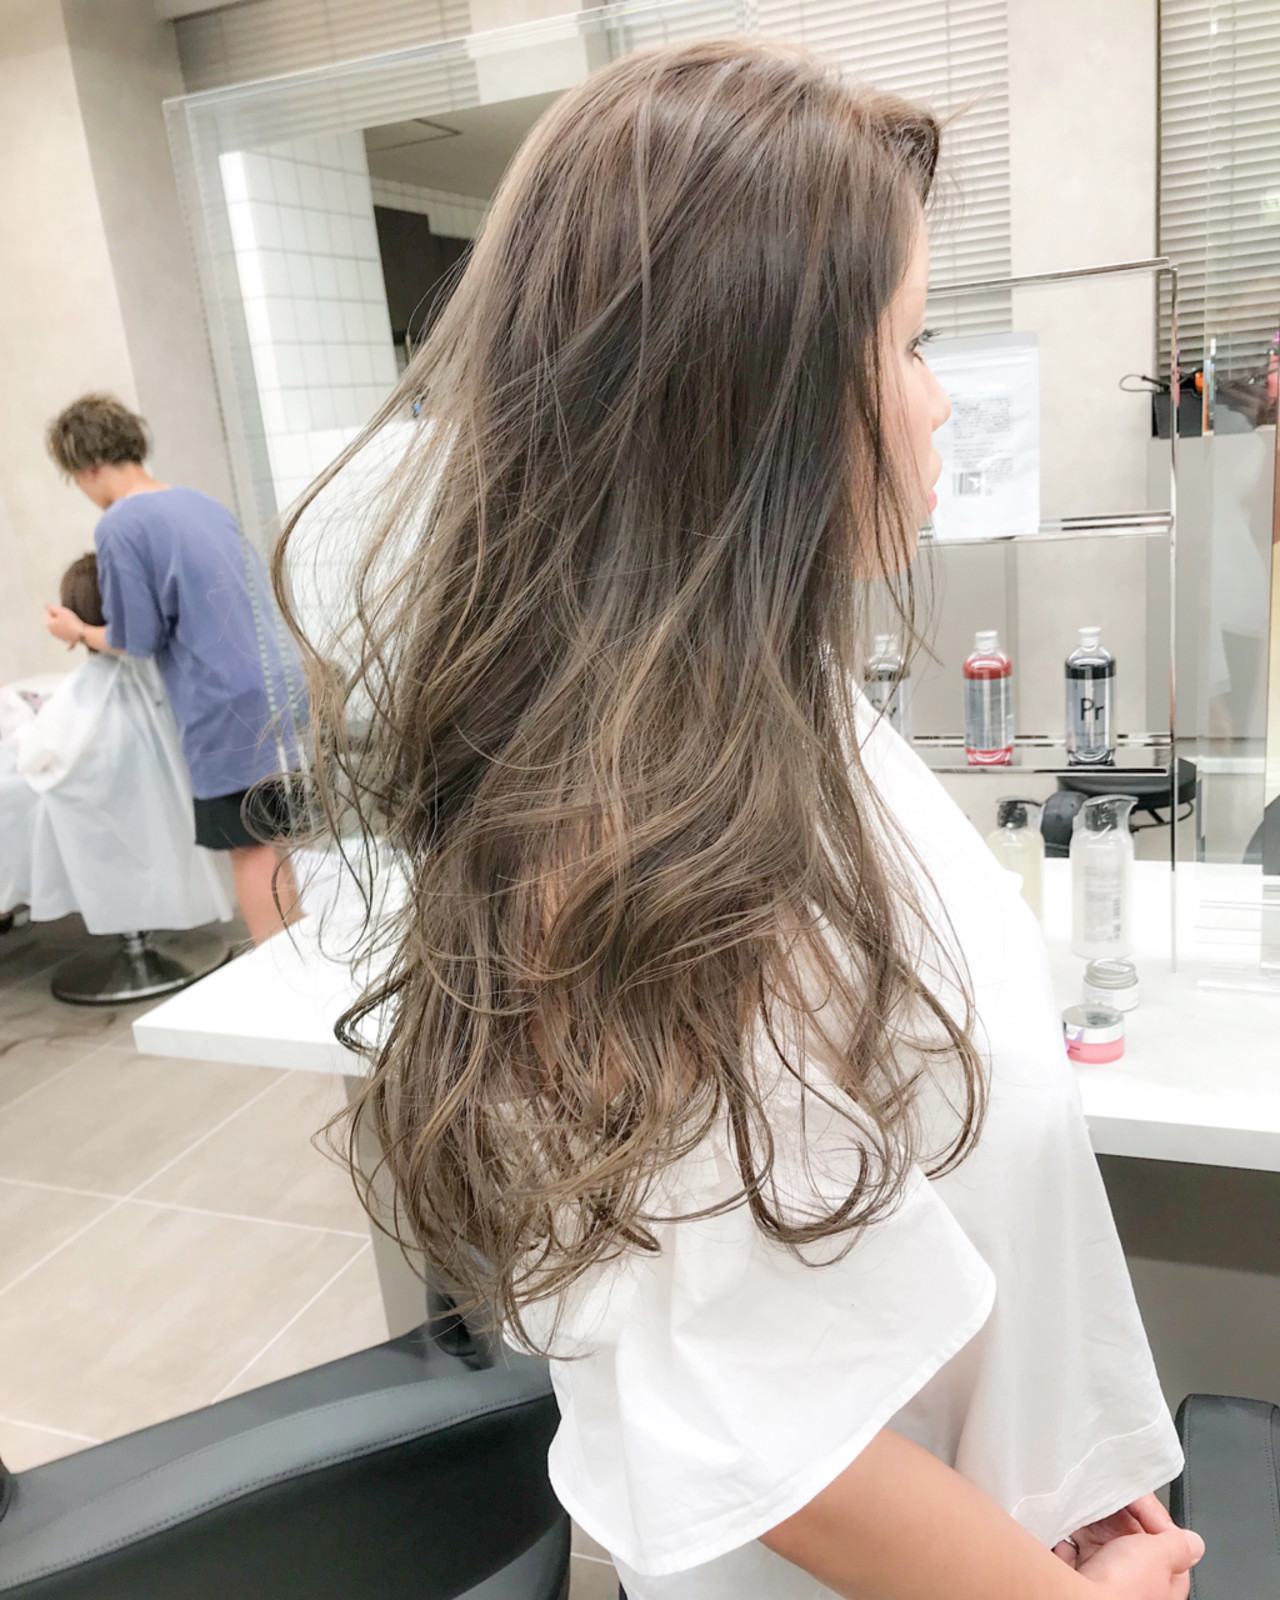 エレガント オフィス セミロング 上品 ヘアスタイルや髪型の写真・画像